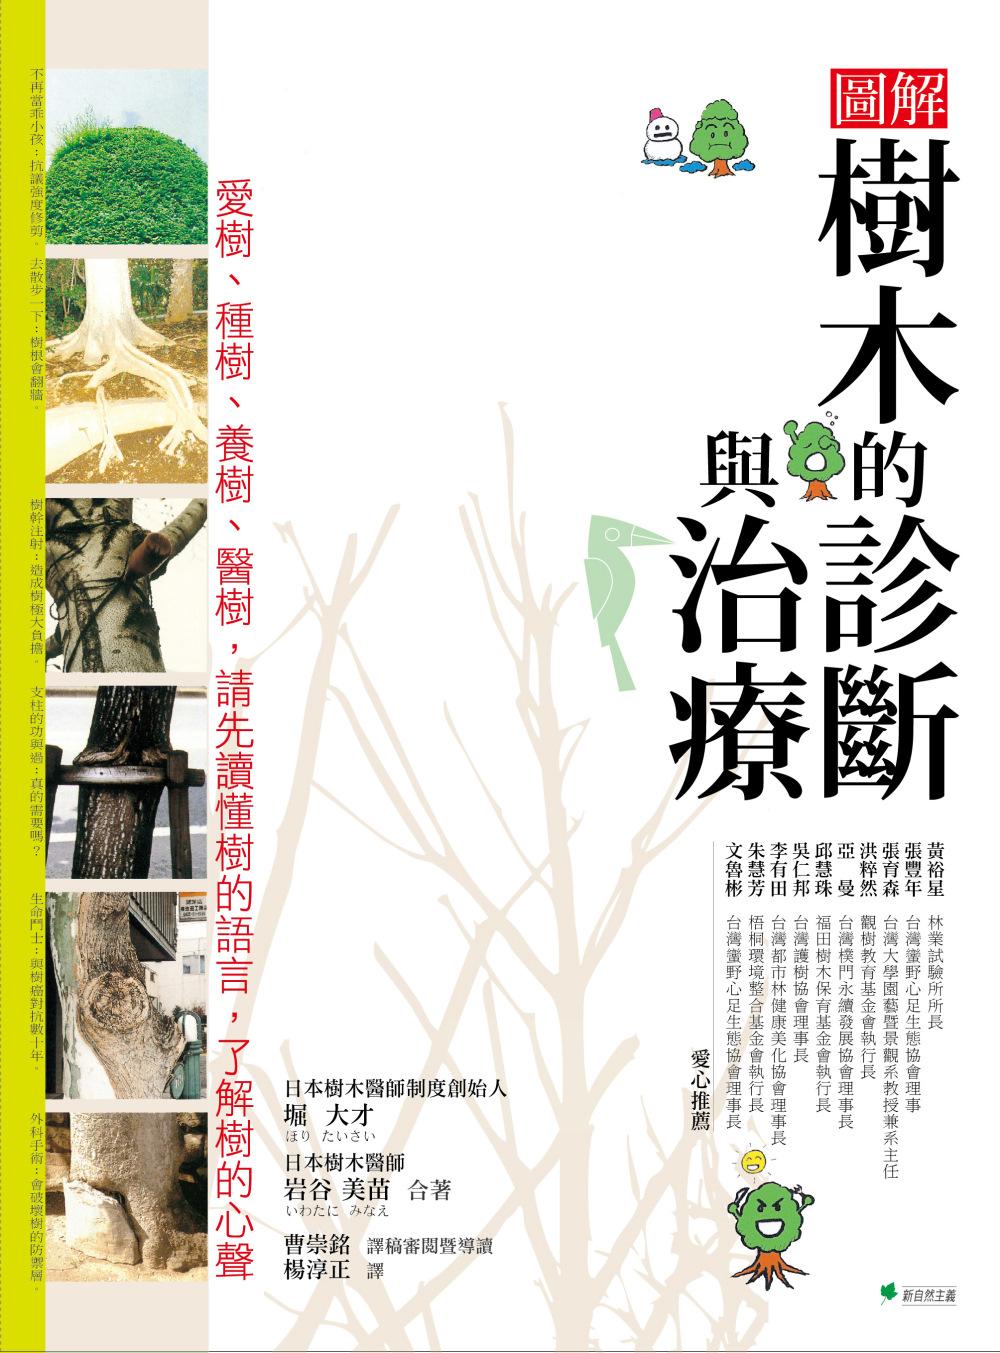 樹木的診斷與治療:愛樹、種樹、養樹、醫樹,請先讀懂樹的語言,了解樹的心聲